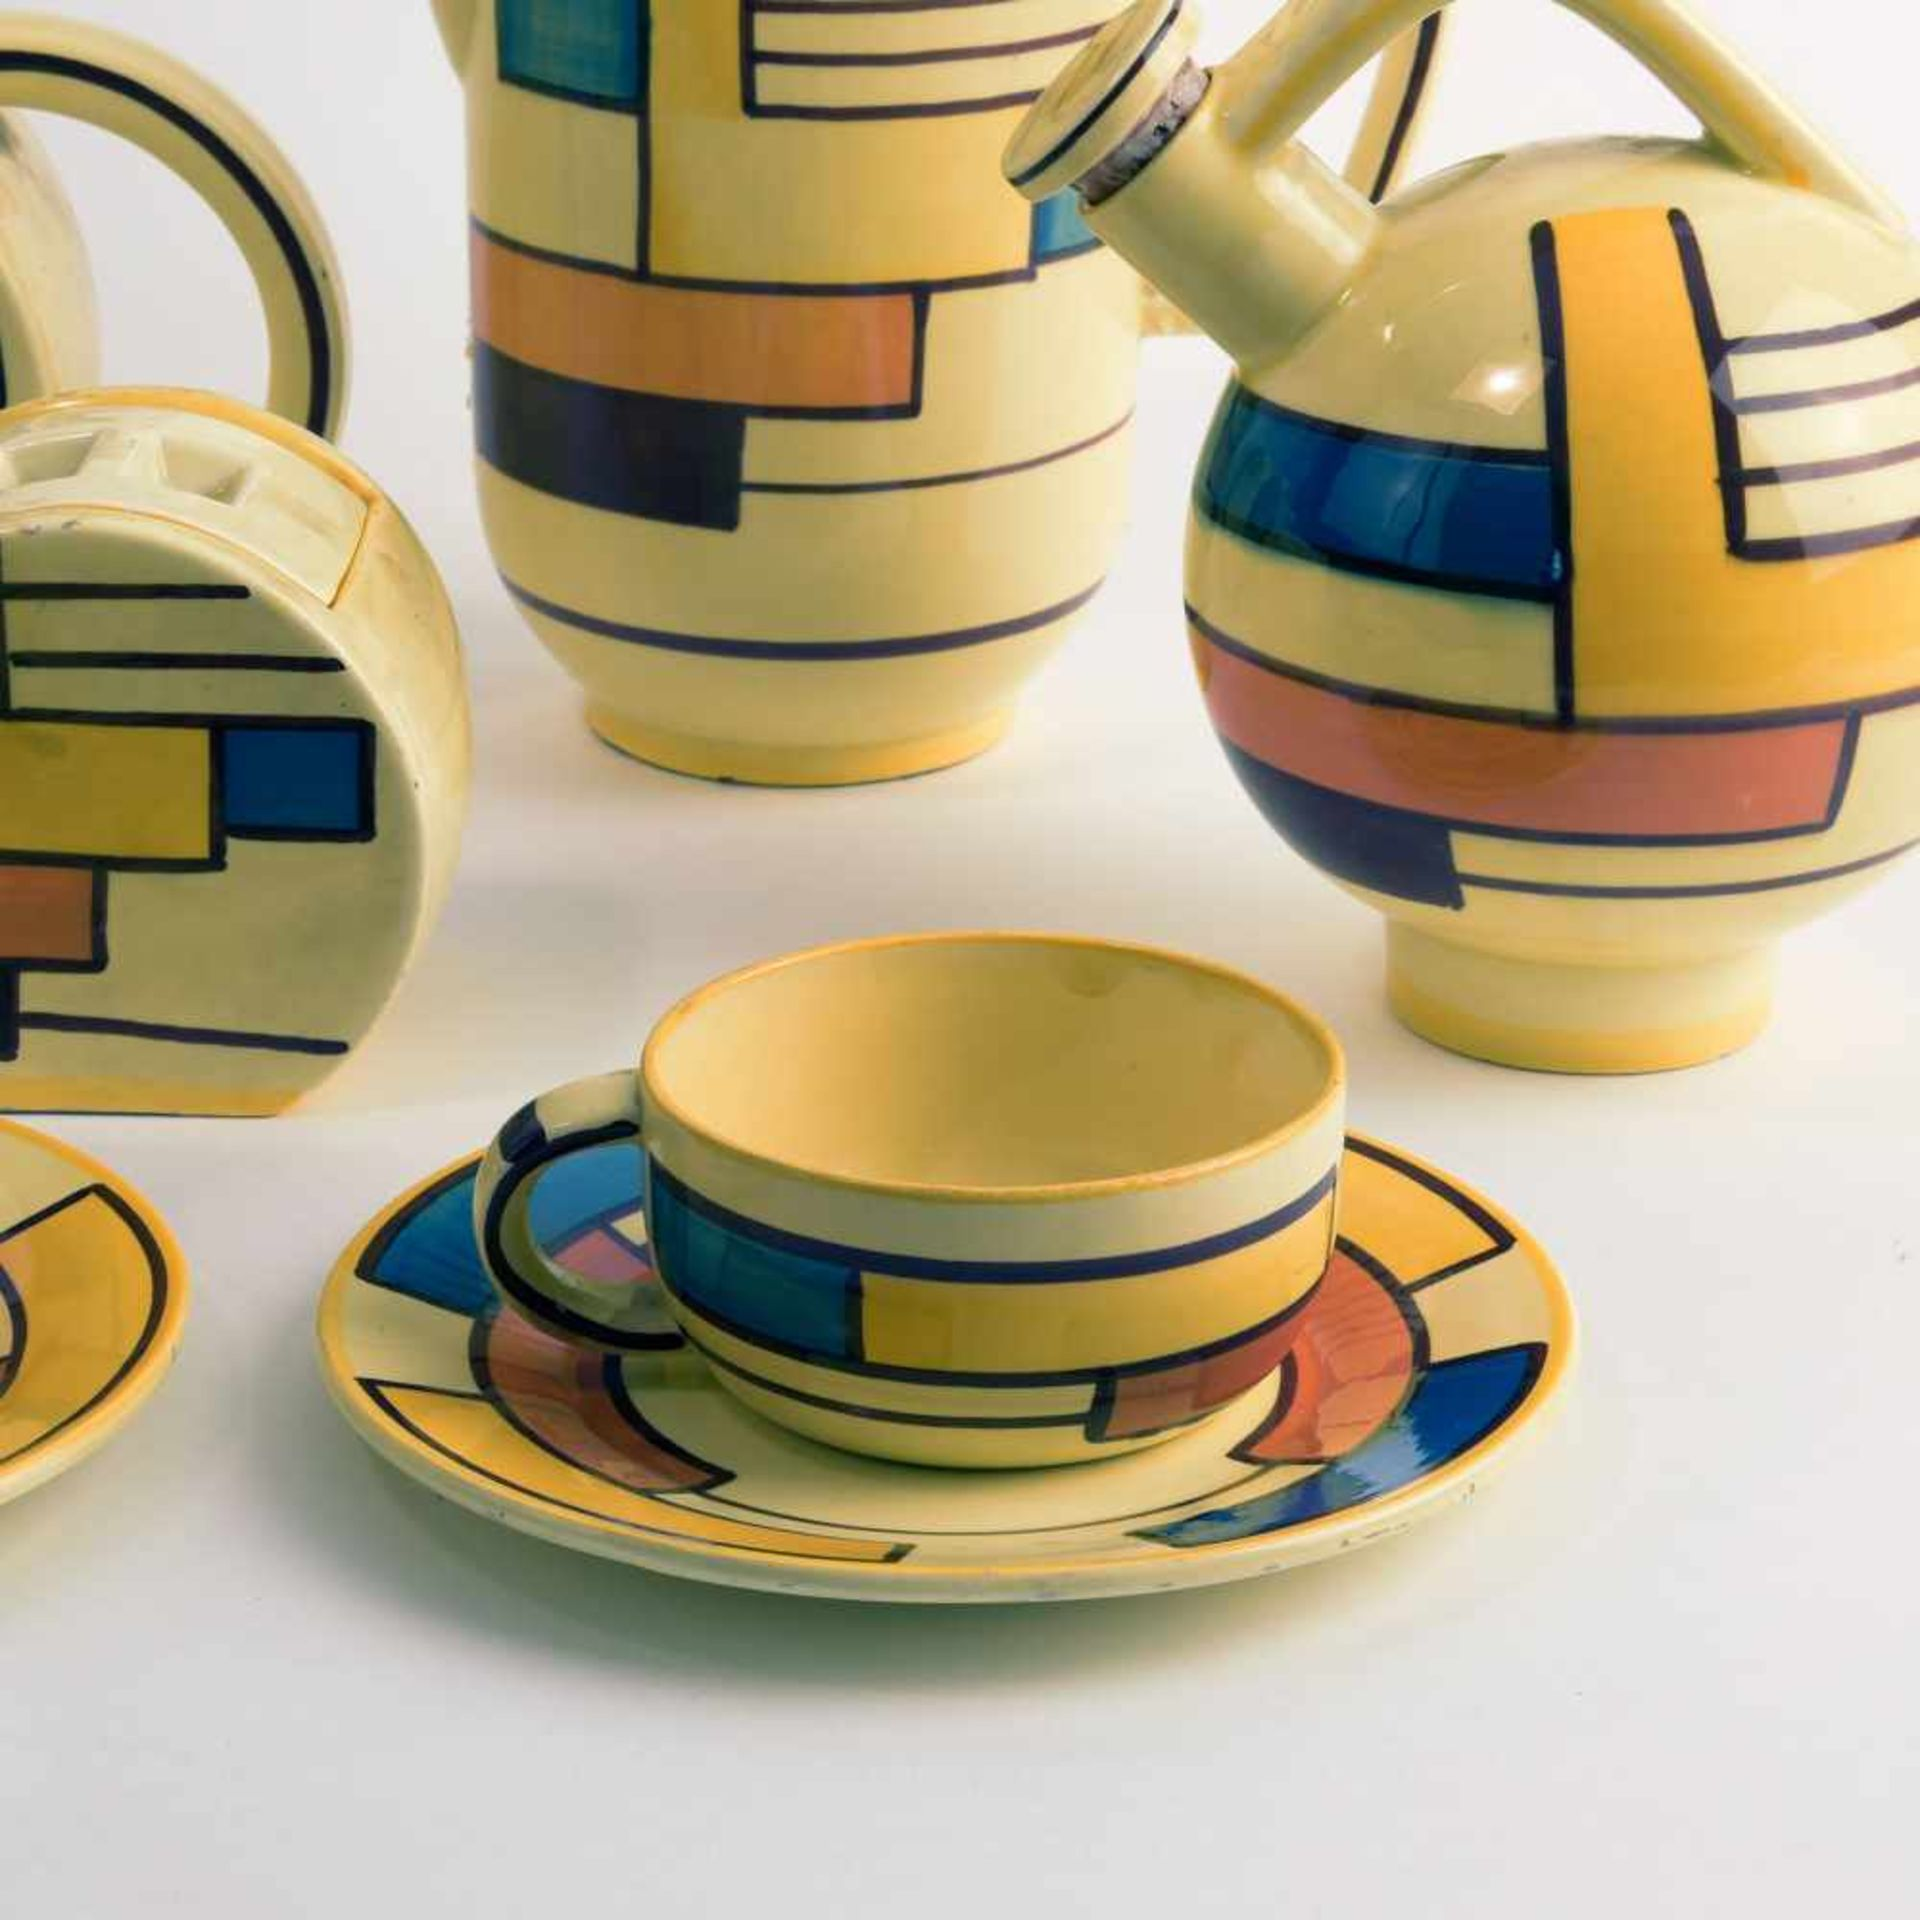 Los 9 - Eva Zeisel-Stricker Kaffee- und Teeservice, um 1928 Neun Teile. Kaffeekanne: H. 21,5 cm; Teekanne,